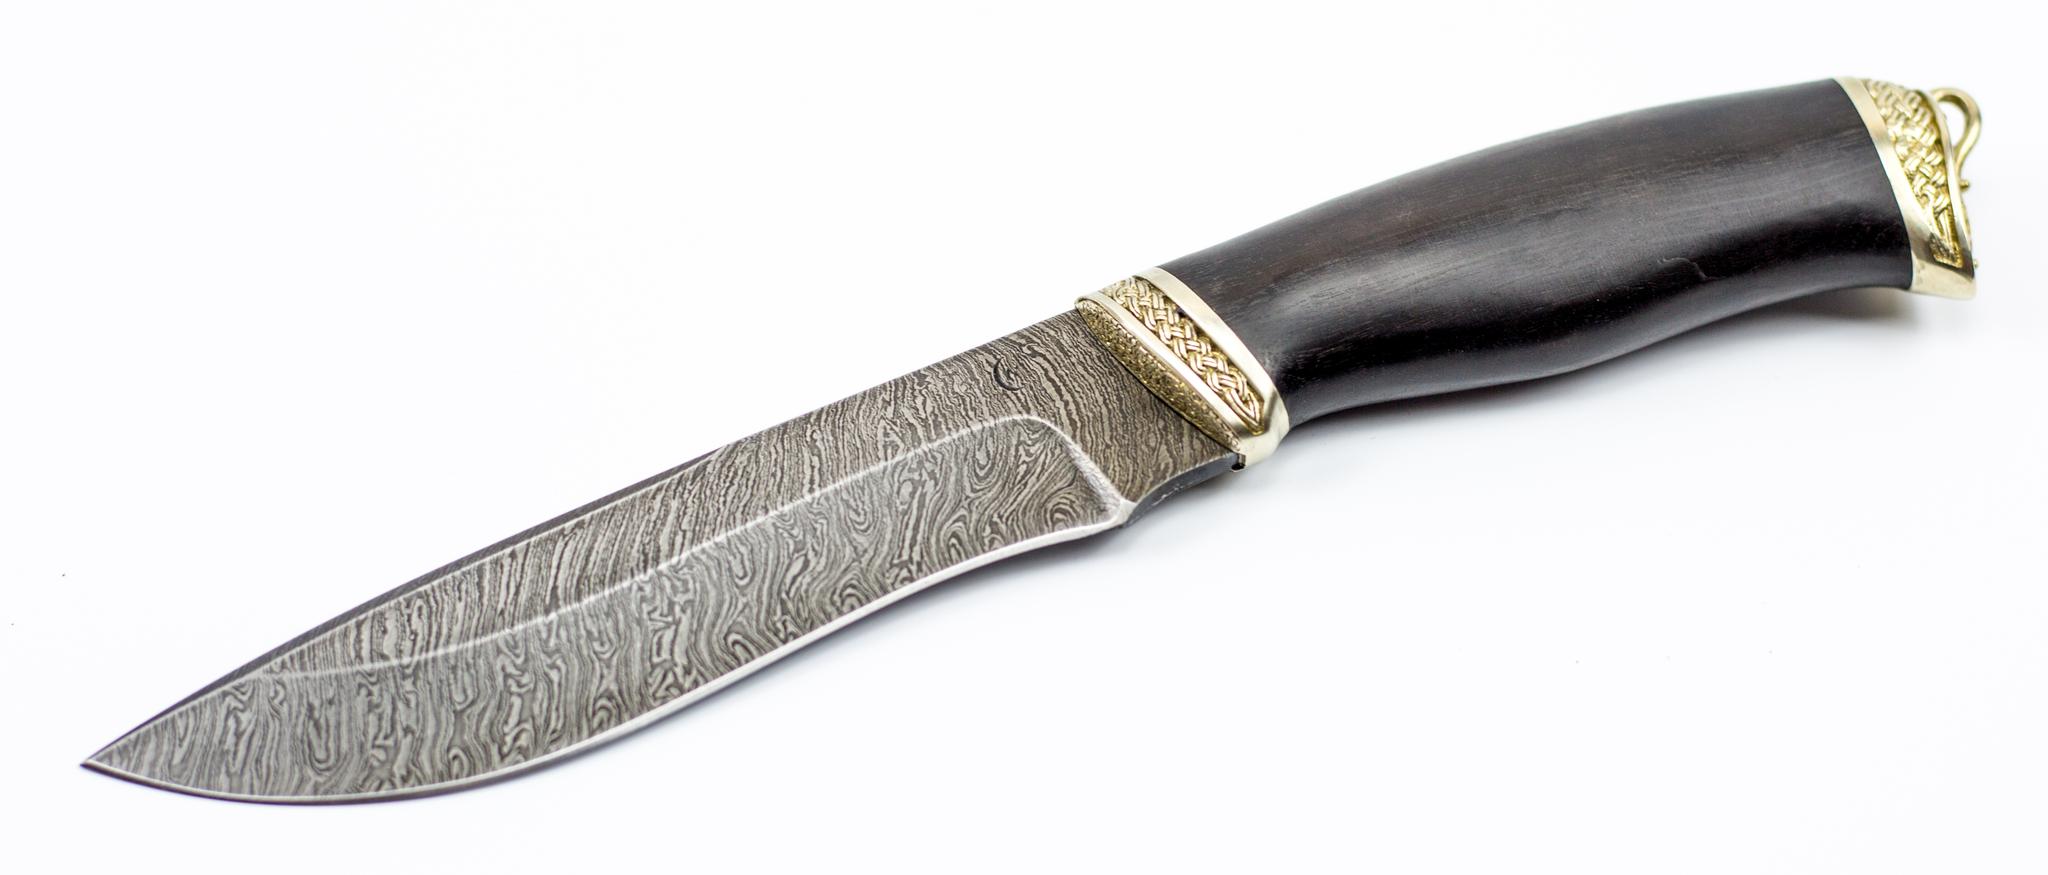 Фото 2 - Нож из дамасской стали